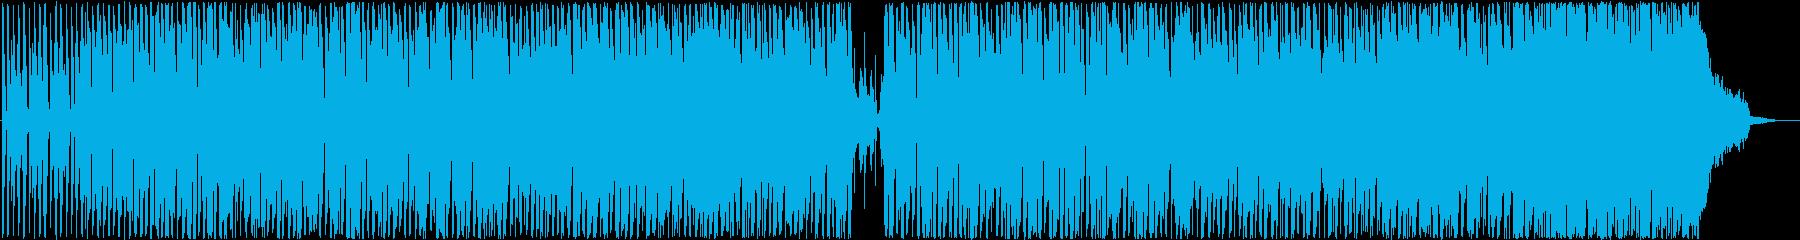 お気楽ハッピーな雰囲気のBGMの再生済みの波形